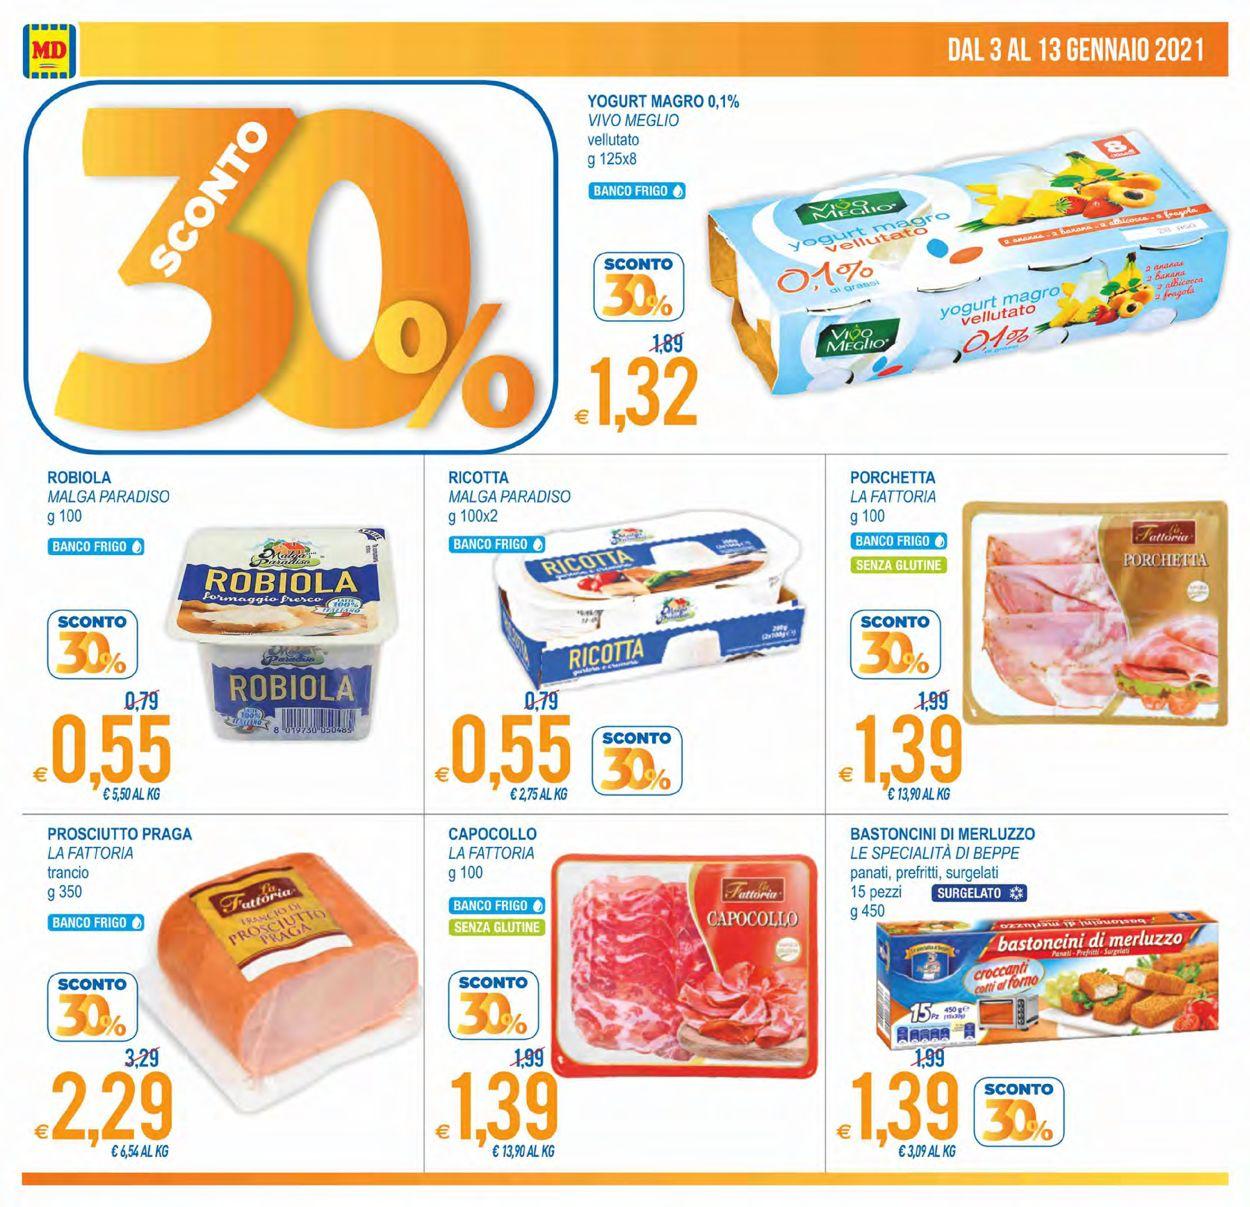 Volantino MD Discount - Offerte 03/01-13/01/2021 (Pagina 2)